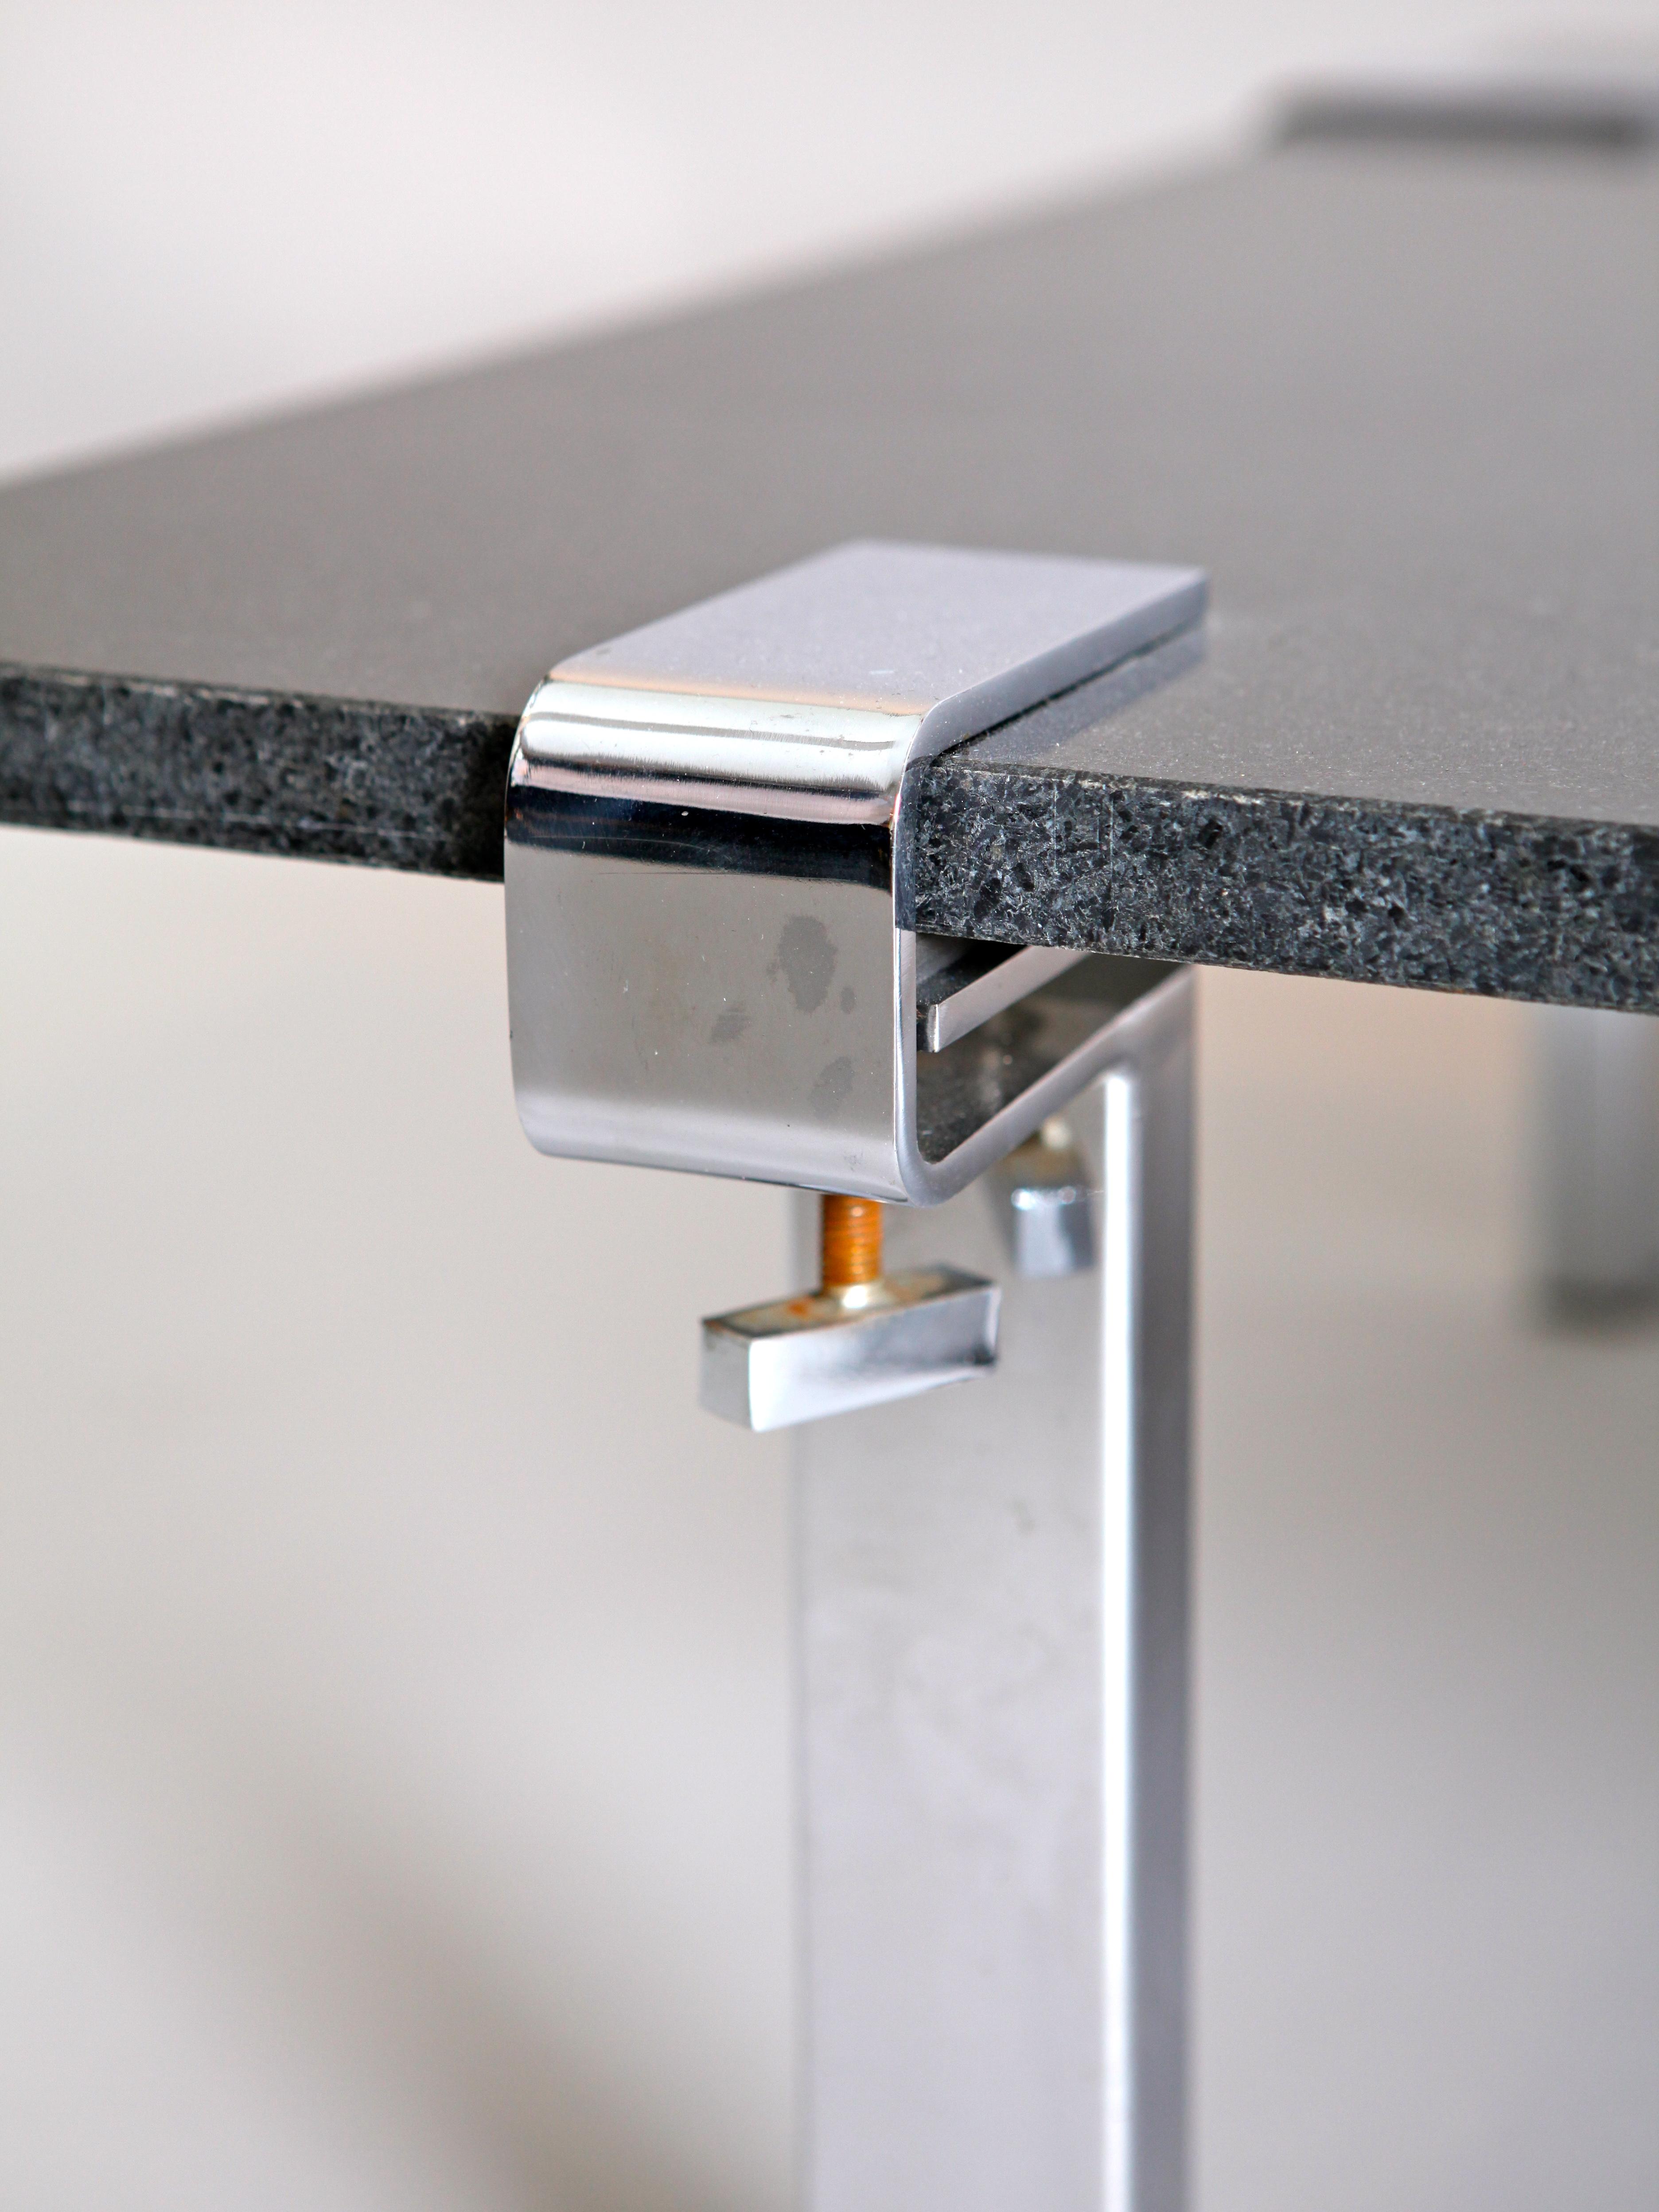 collection of design mobilier 1950 2000 vintage et contemporain table t9 serre joints de. Black Bedroom Furniture Sets. Home Design Ideas